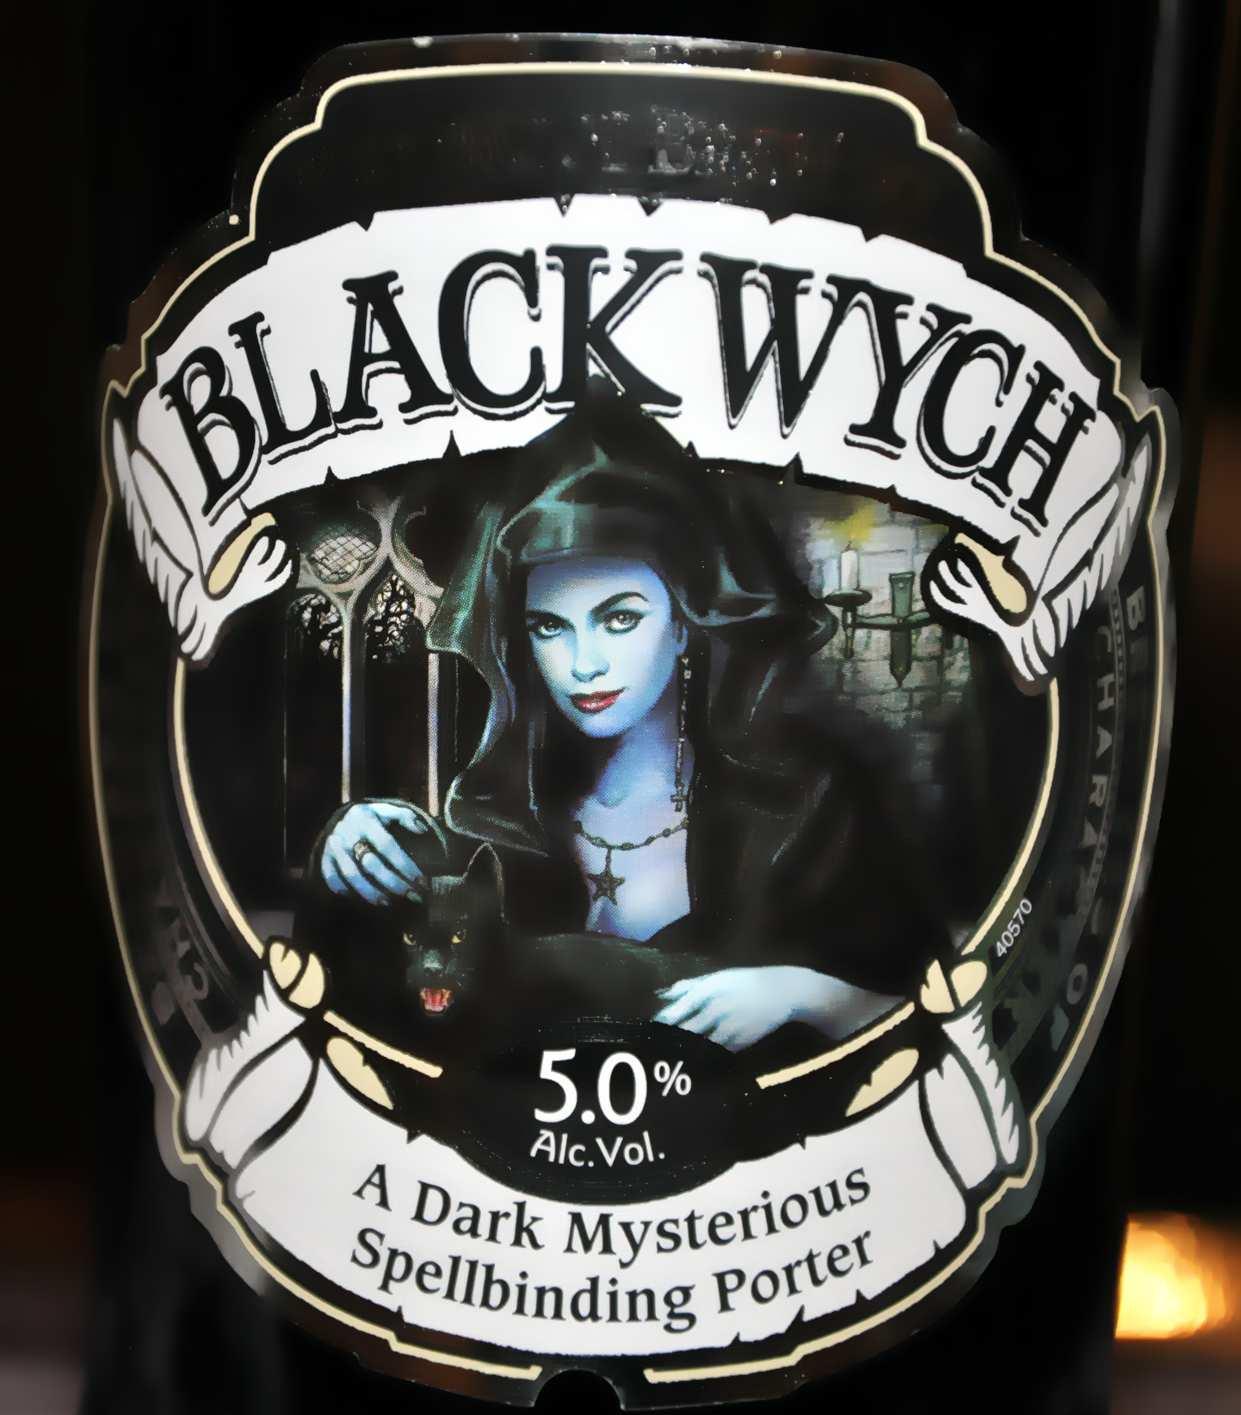 Wychwood_Blackwych_Label